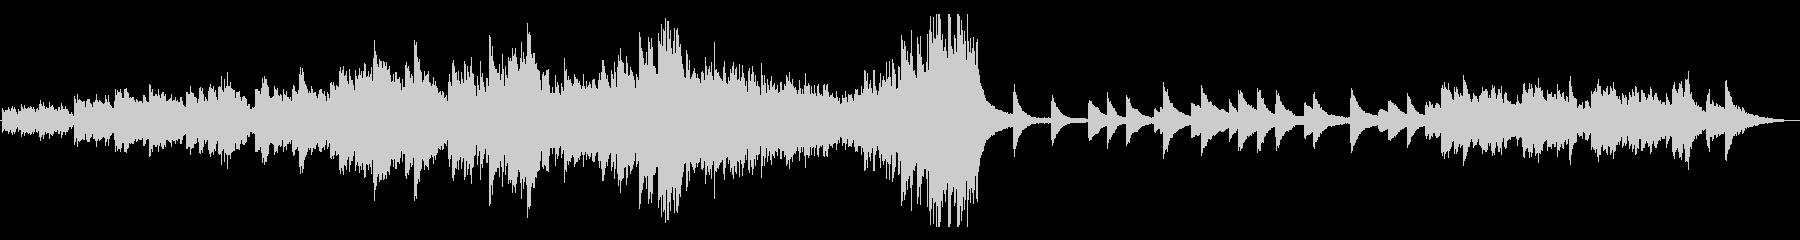 ピアノソロ始まりを想起させる高原の風の未再生の波形